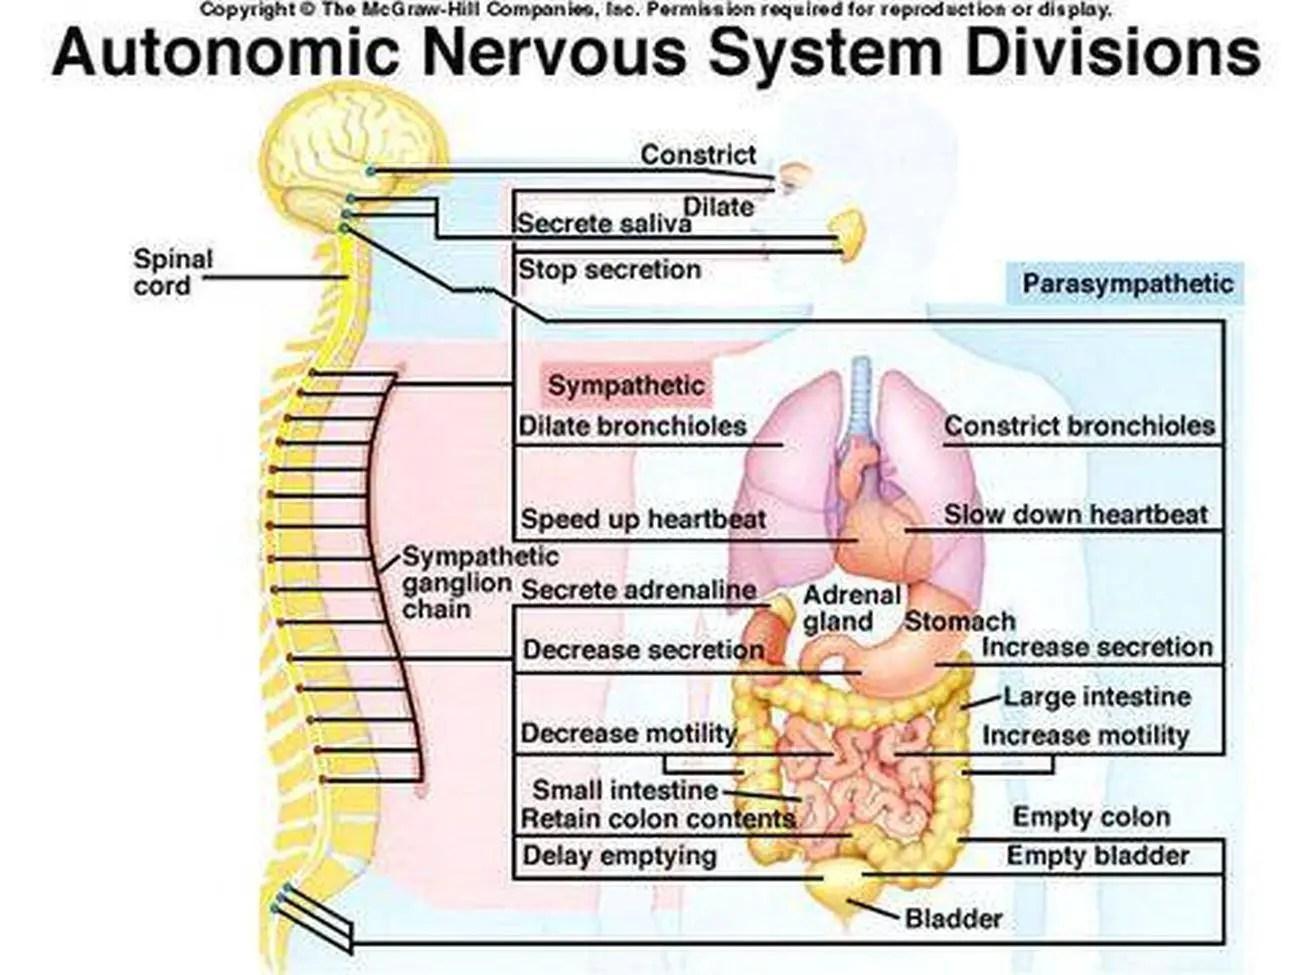 Pictures Of Autonomic Nervous System